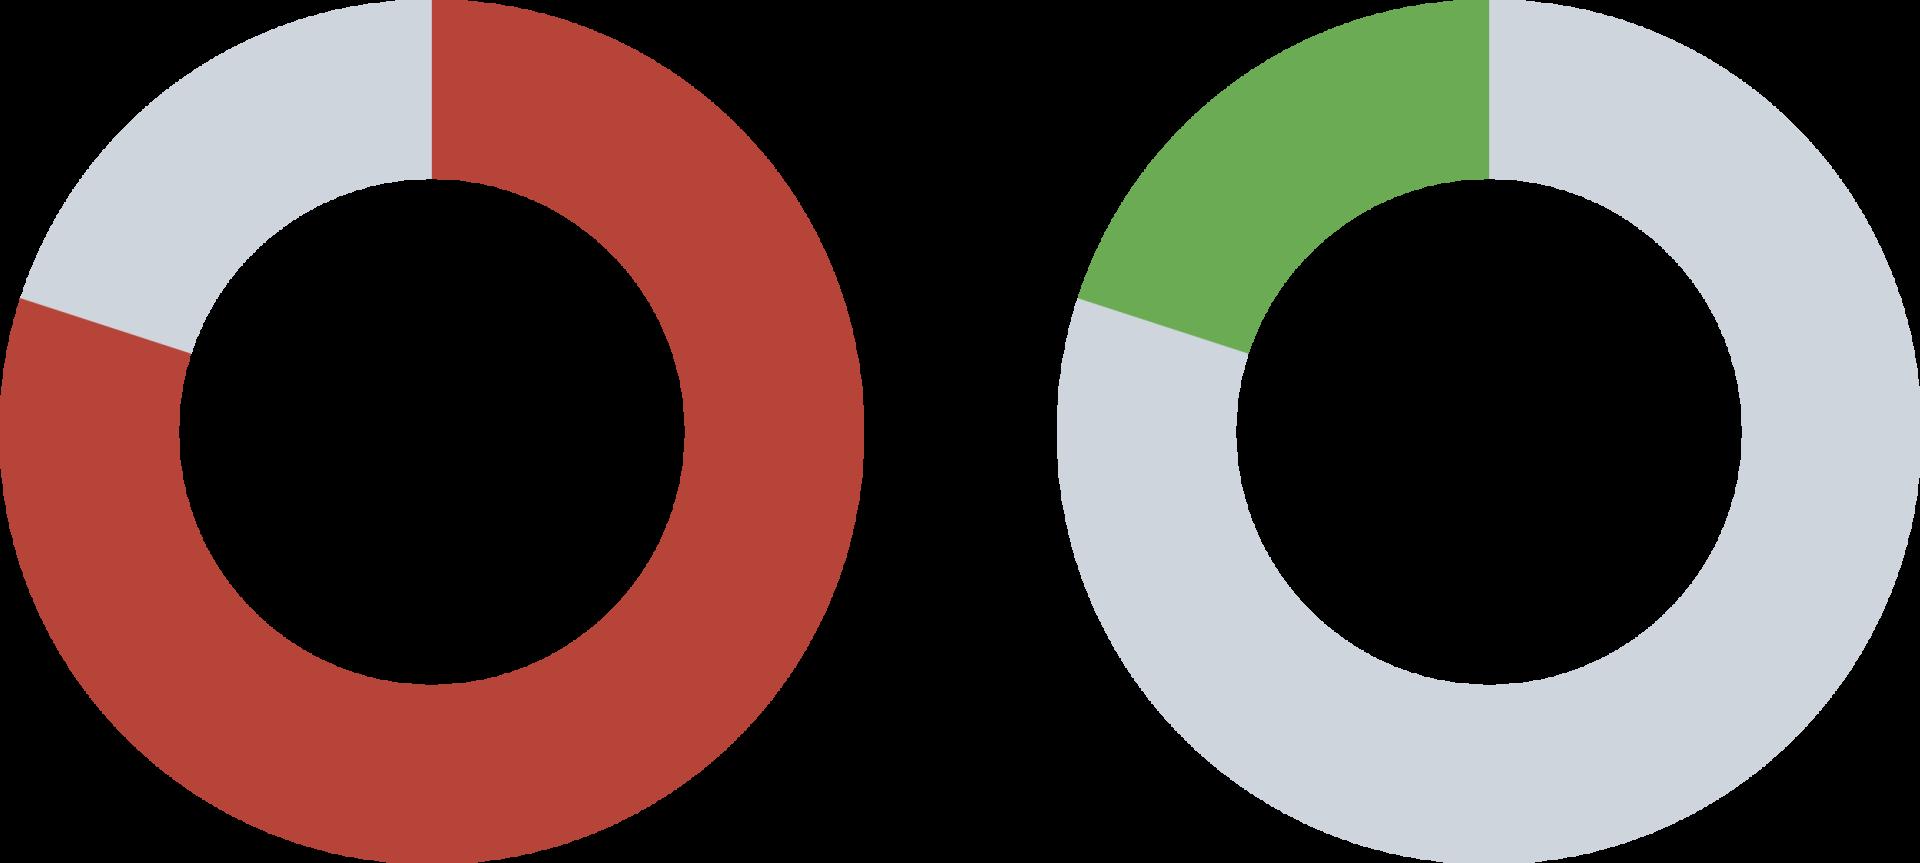 Die italienische Tecnica-Gruppe hält 75 % der LOWA-Anteile, während Werner Riethmann (Geschäftsführer bei LOWA) mit 25 % am Unternehmen beteiligt ist.